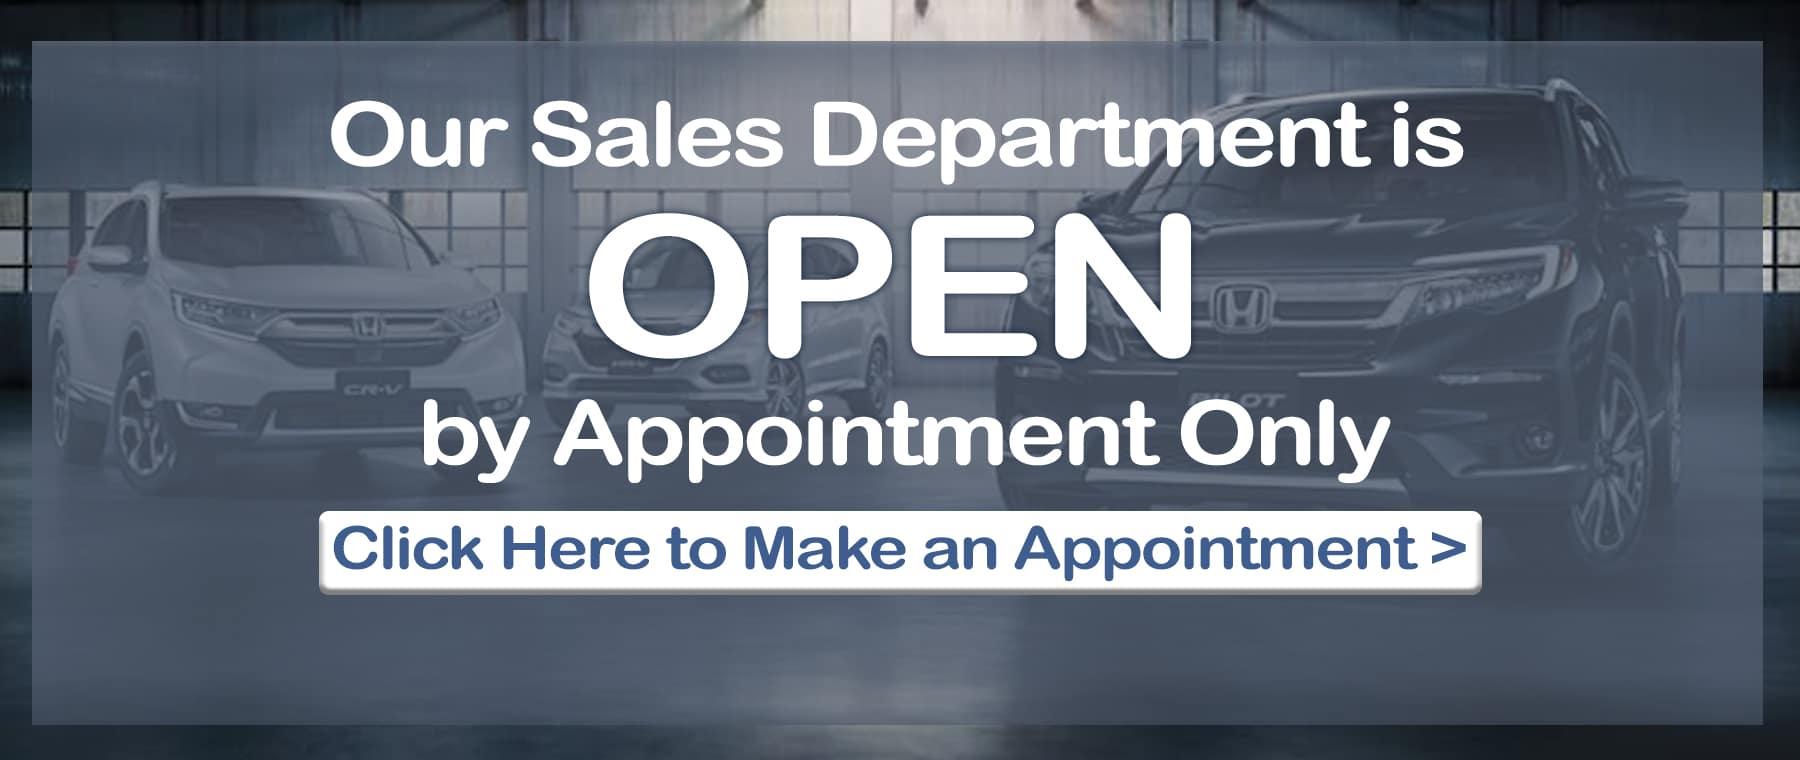 salesappointmentonlyhillsidehonda